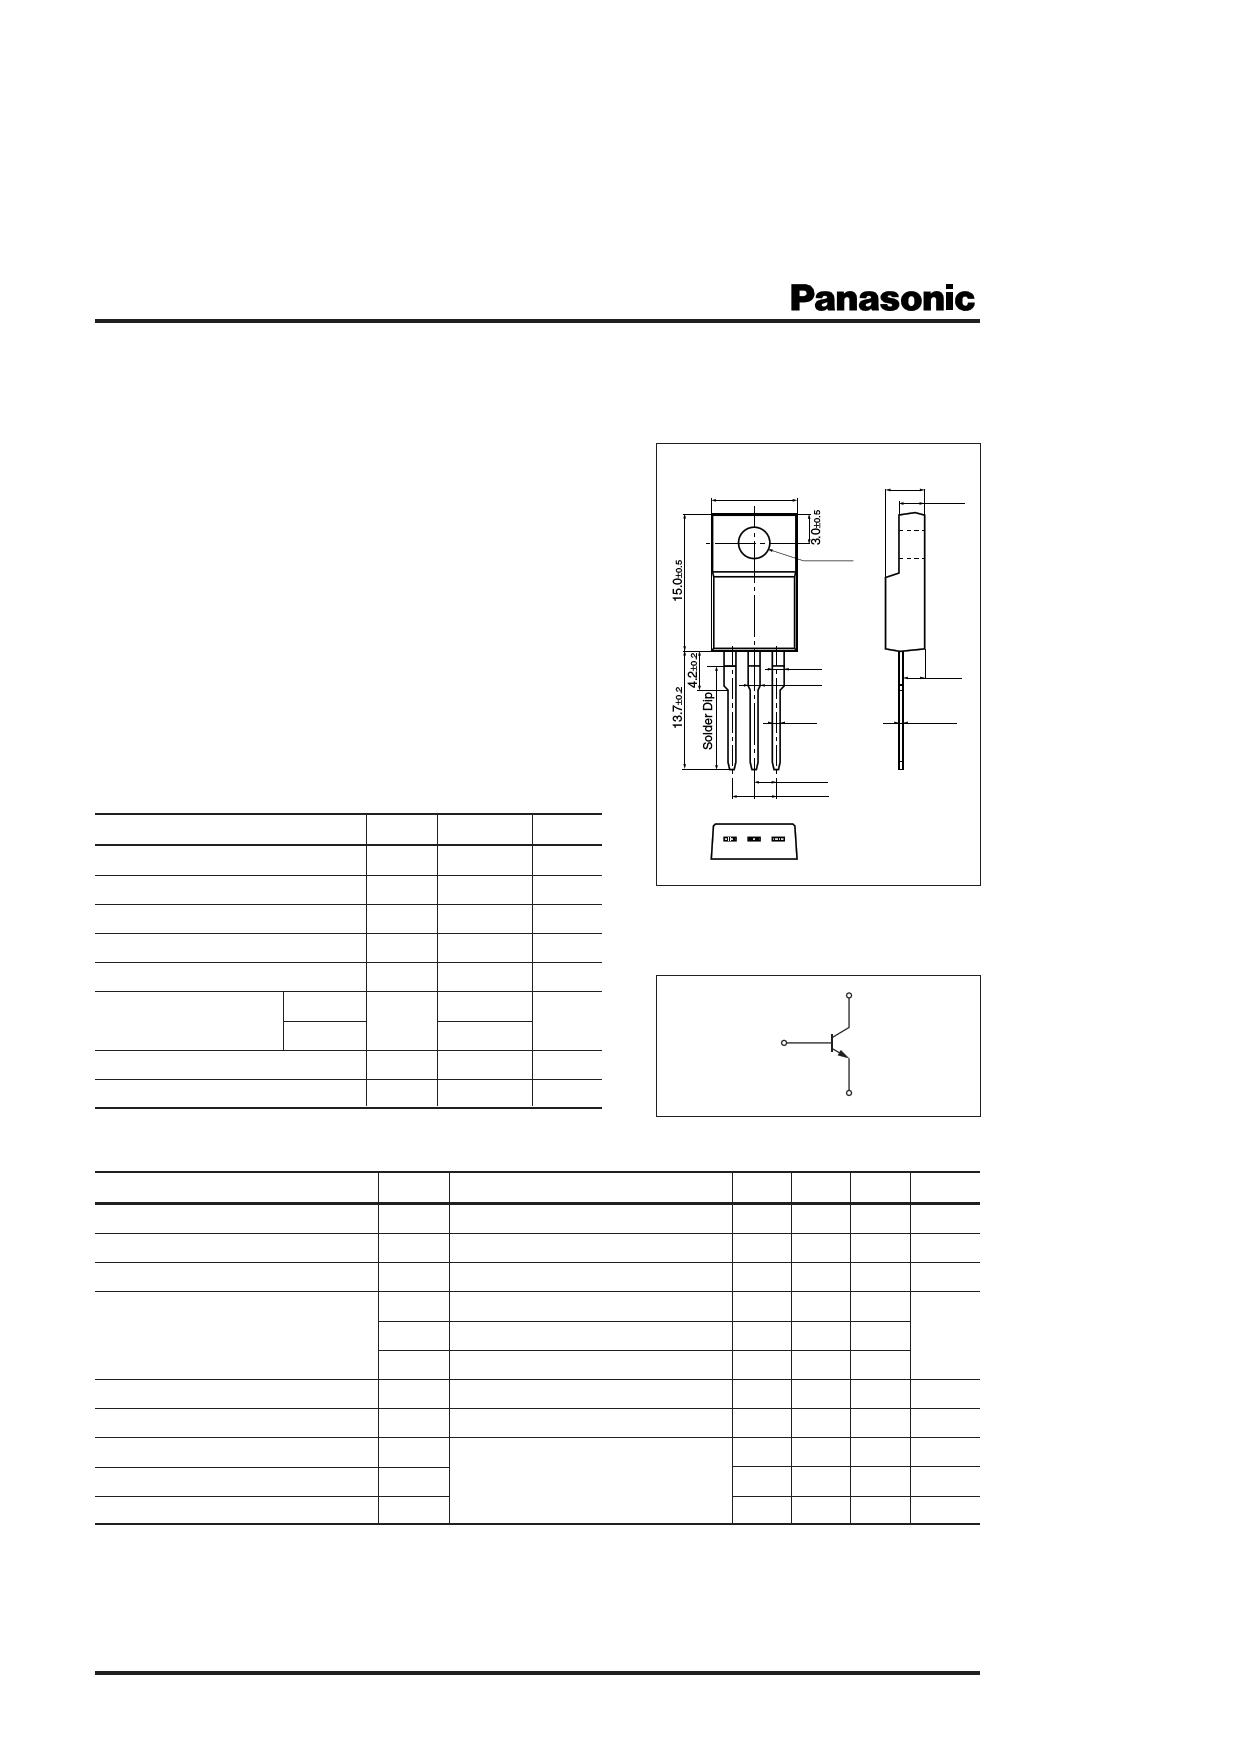 2SC5840 datasheet, circuit